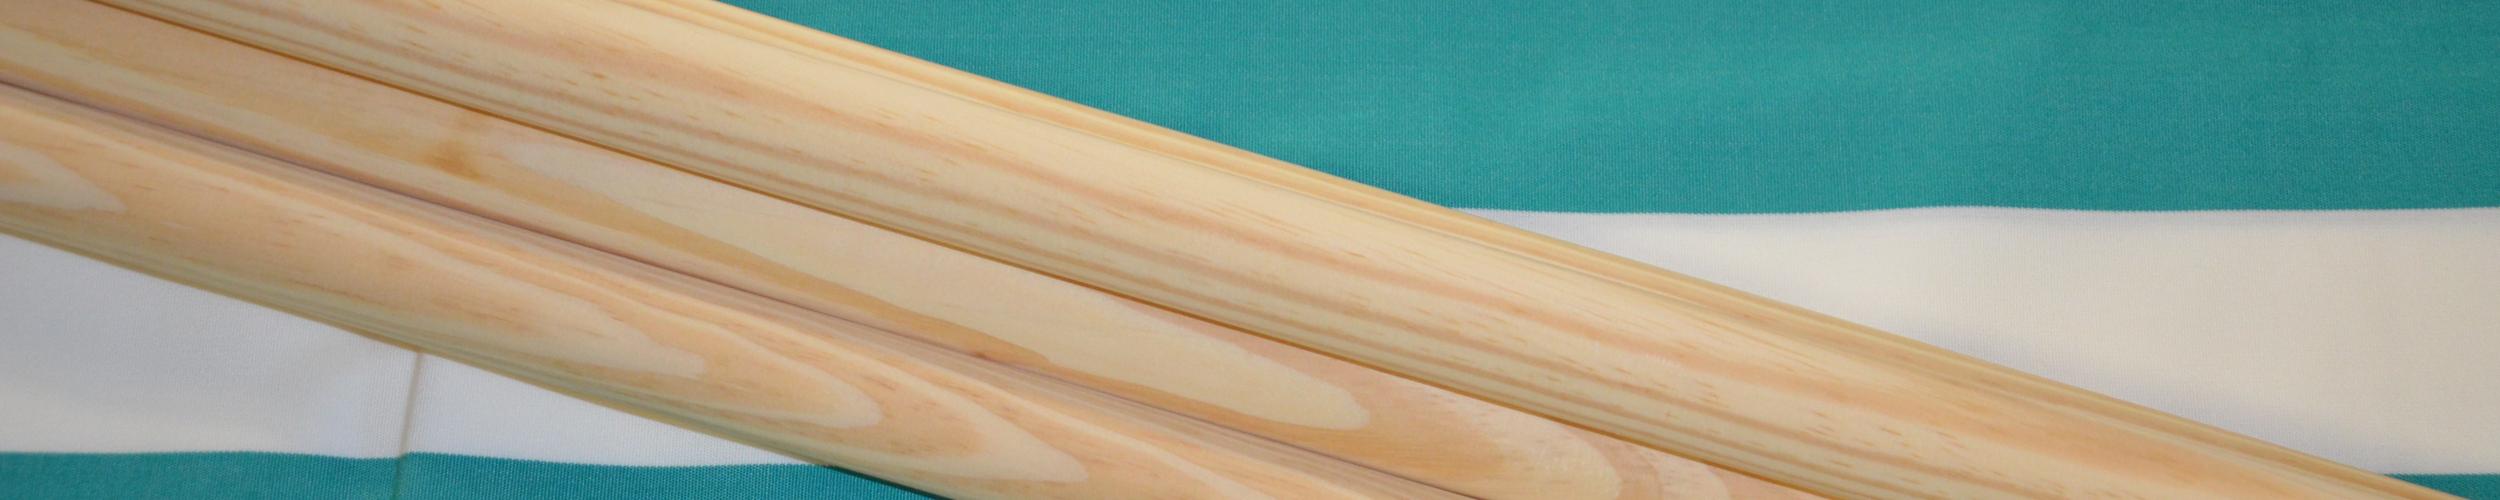 Windscherm Turquoise-groen/wit 4 meter, stockactie nummer